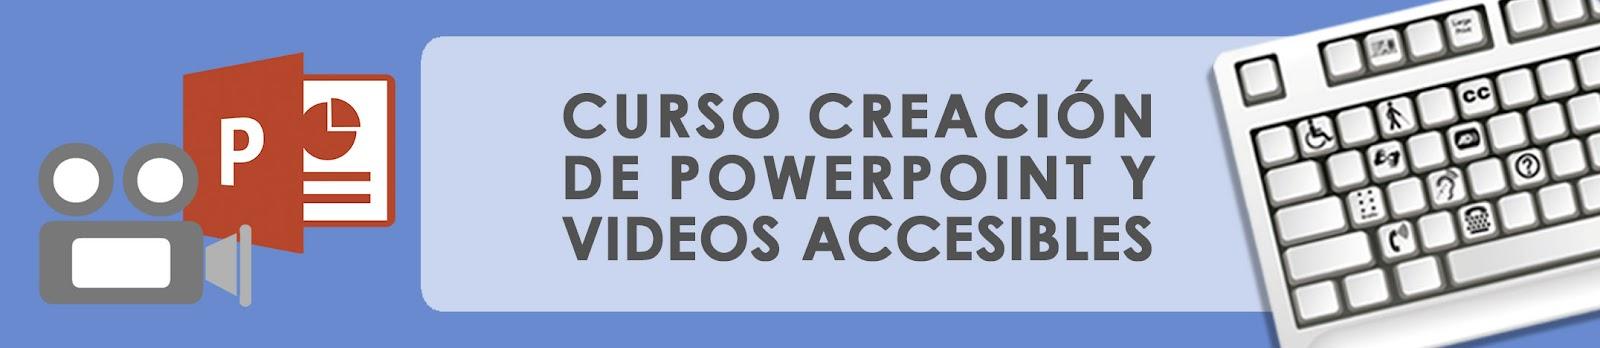 Creación de presentaciones POWERPOINT y VIDEOS accesibles